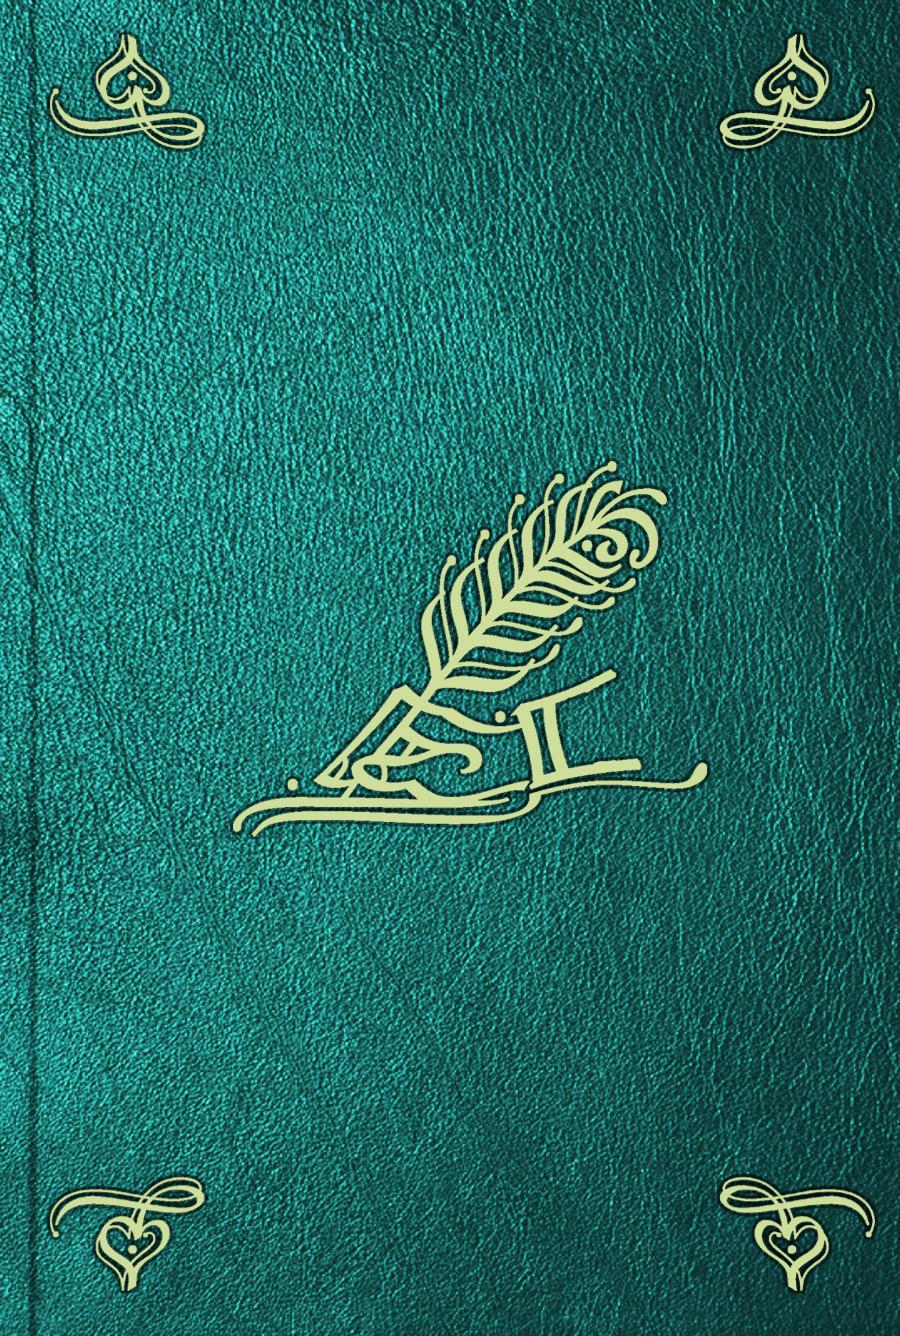 Voyages de Corneille Le Brun par la Moscovie, en Perse, et aux Index orientales. T. 2